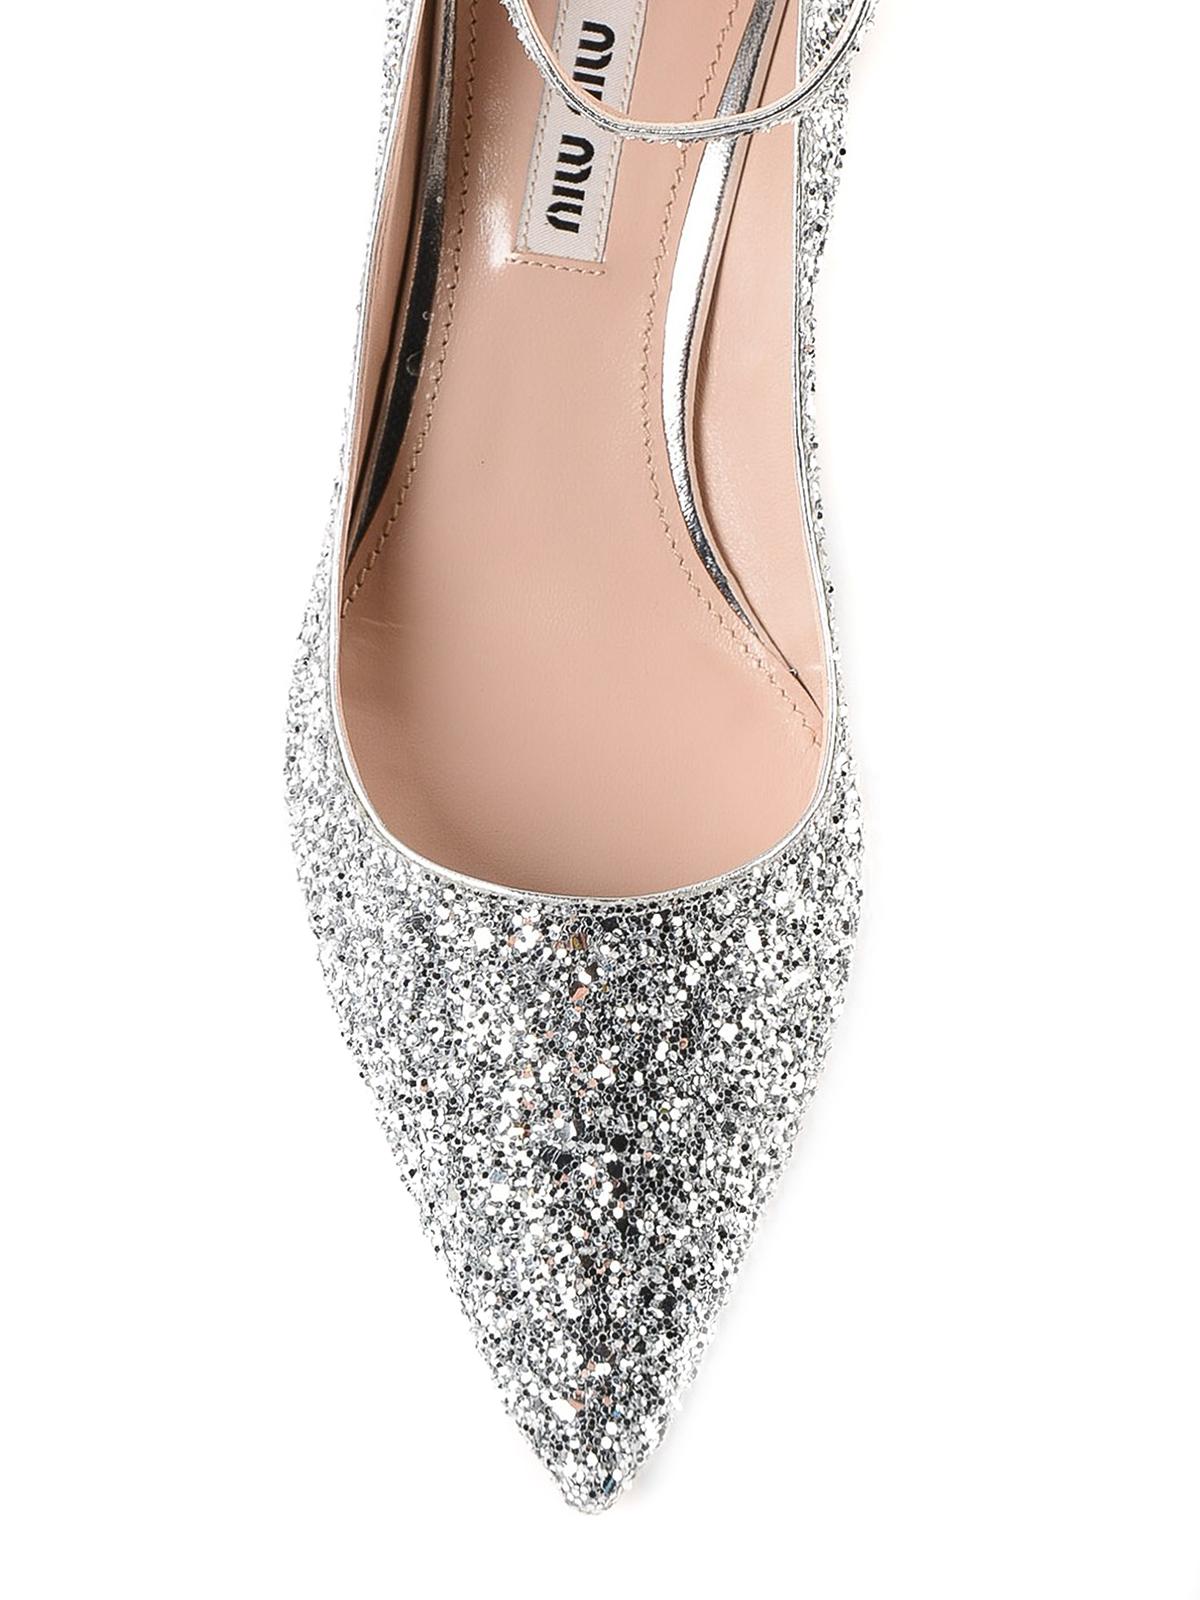 Miu Miu - Silver glitter ankle strap